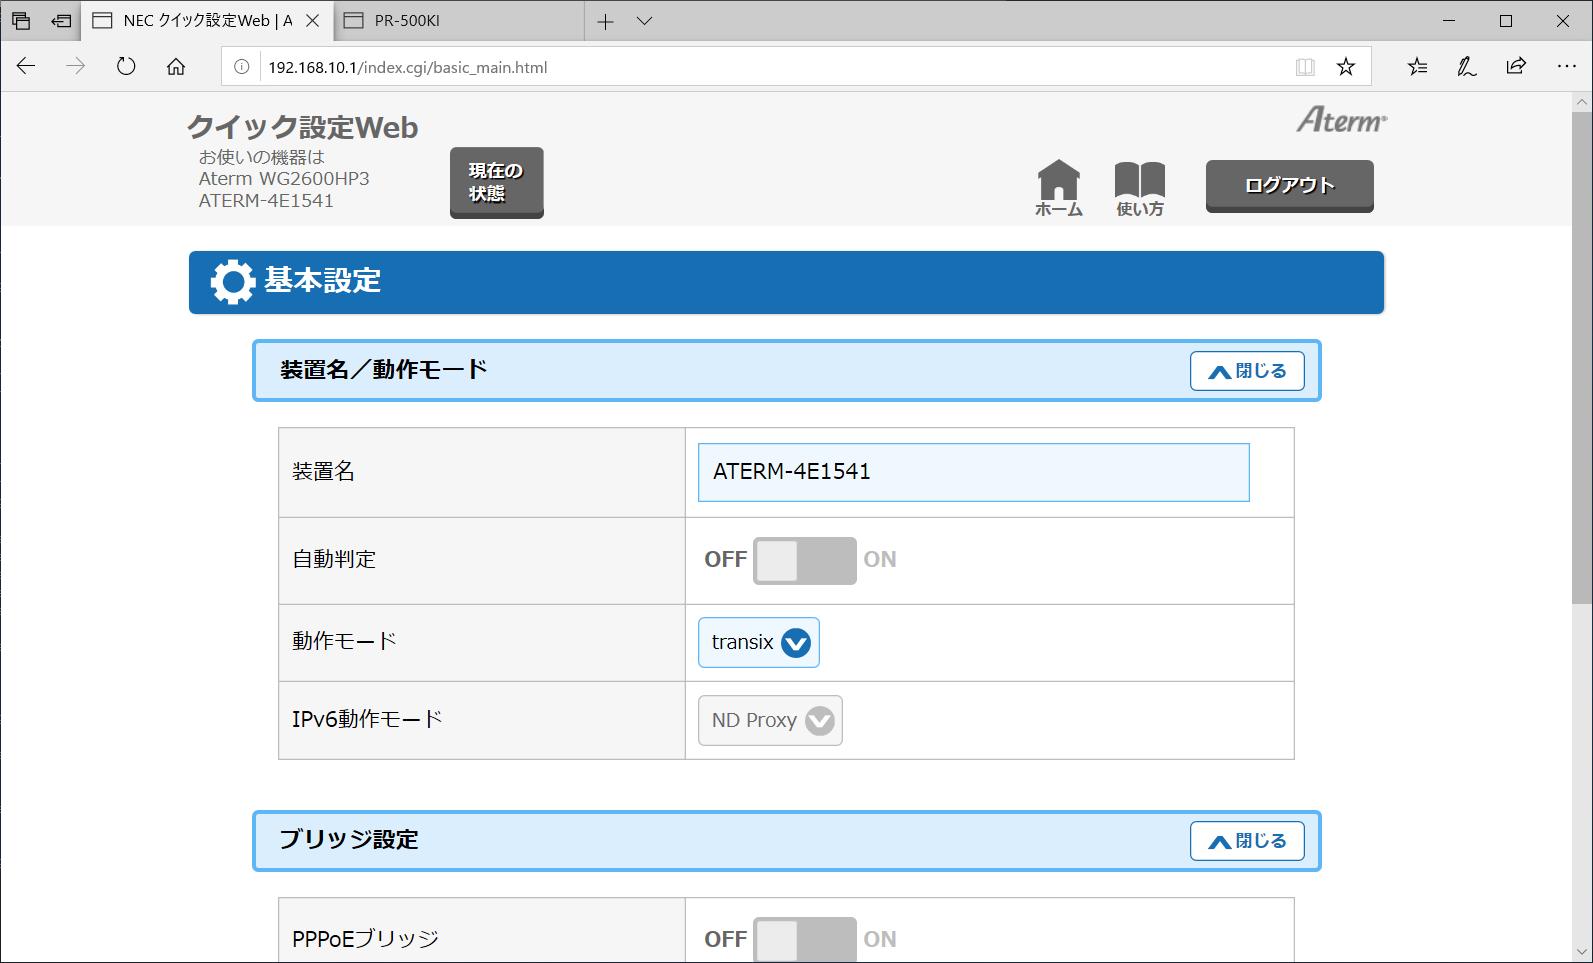 v6プラスやtransixの通信環境では、ND Proxyが有効に固定される